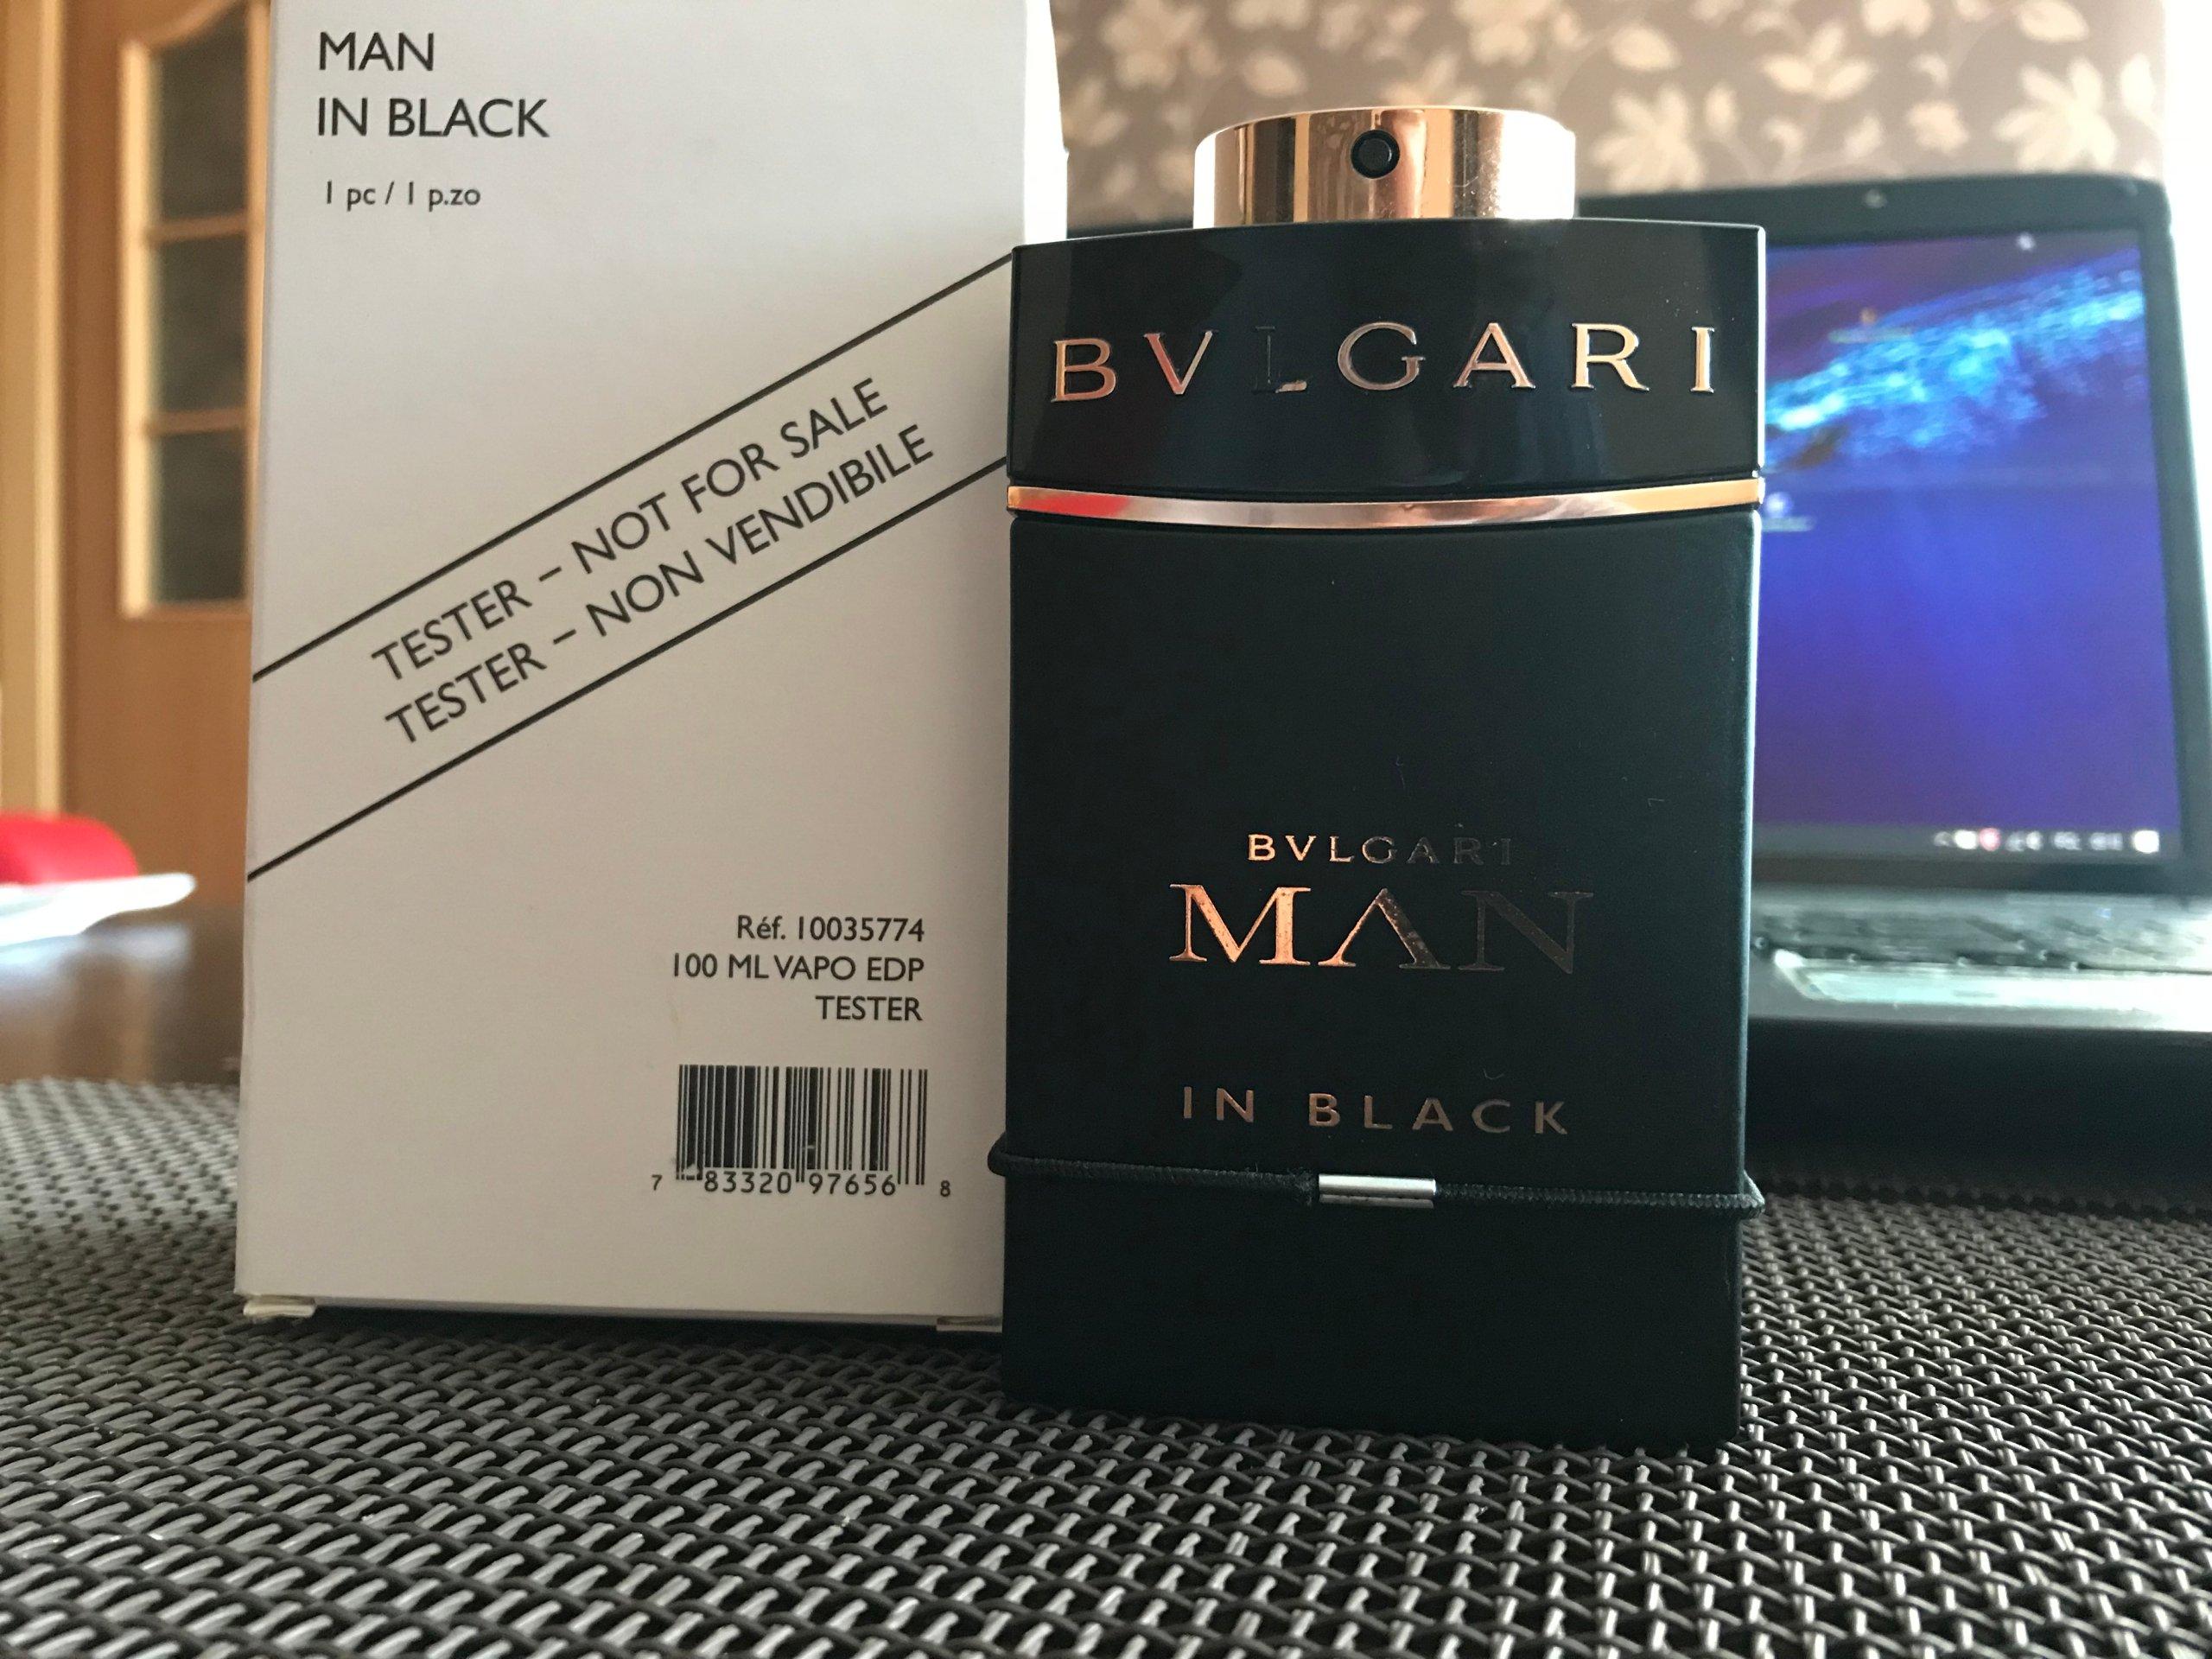 Bvlgari Man In Black 7292477209 Oficjalne Archiwum Allegro Edp 100ml